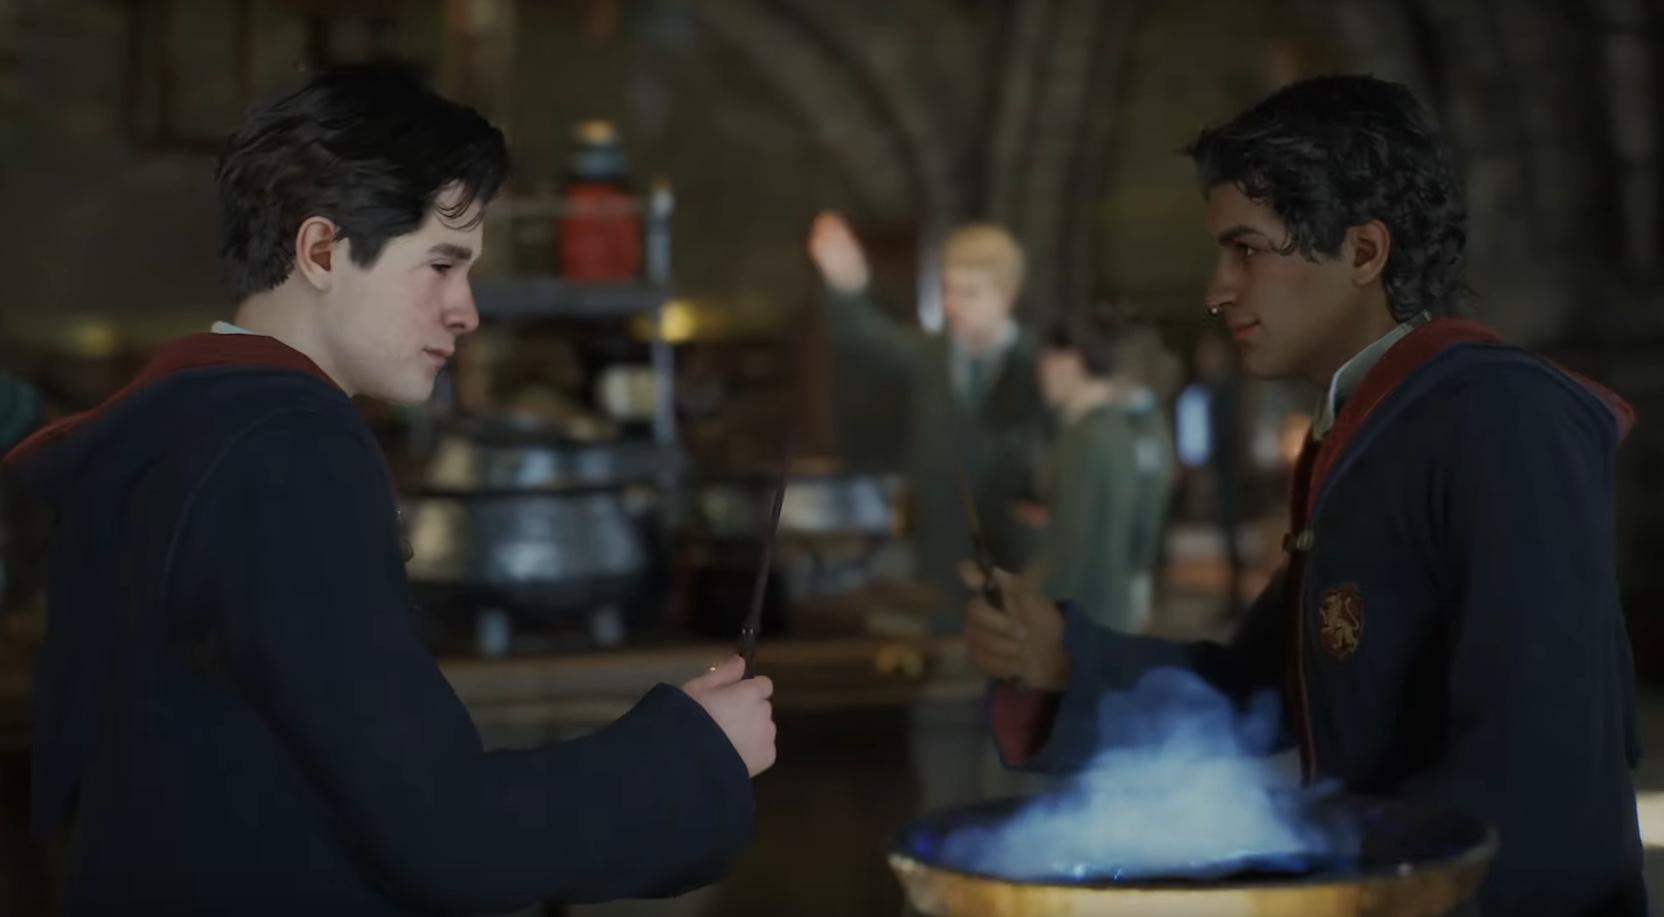 Дизайнер игры «Гарри Поттер» ведет канал на YouTube, посвященный антисоциальной справедливости